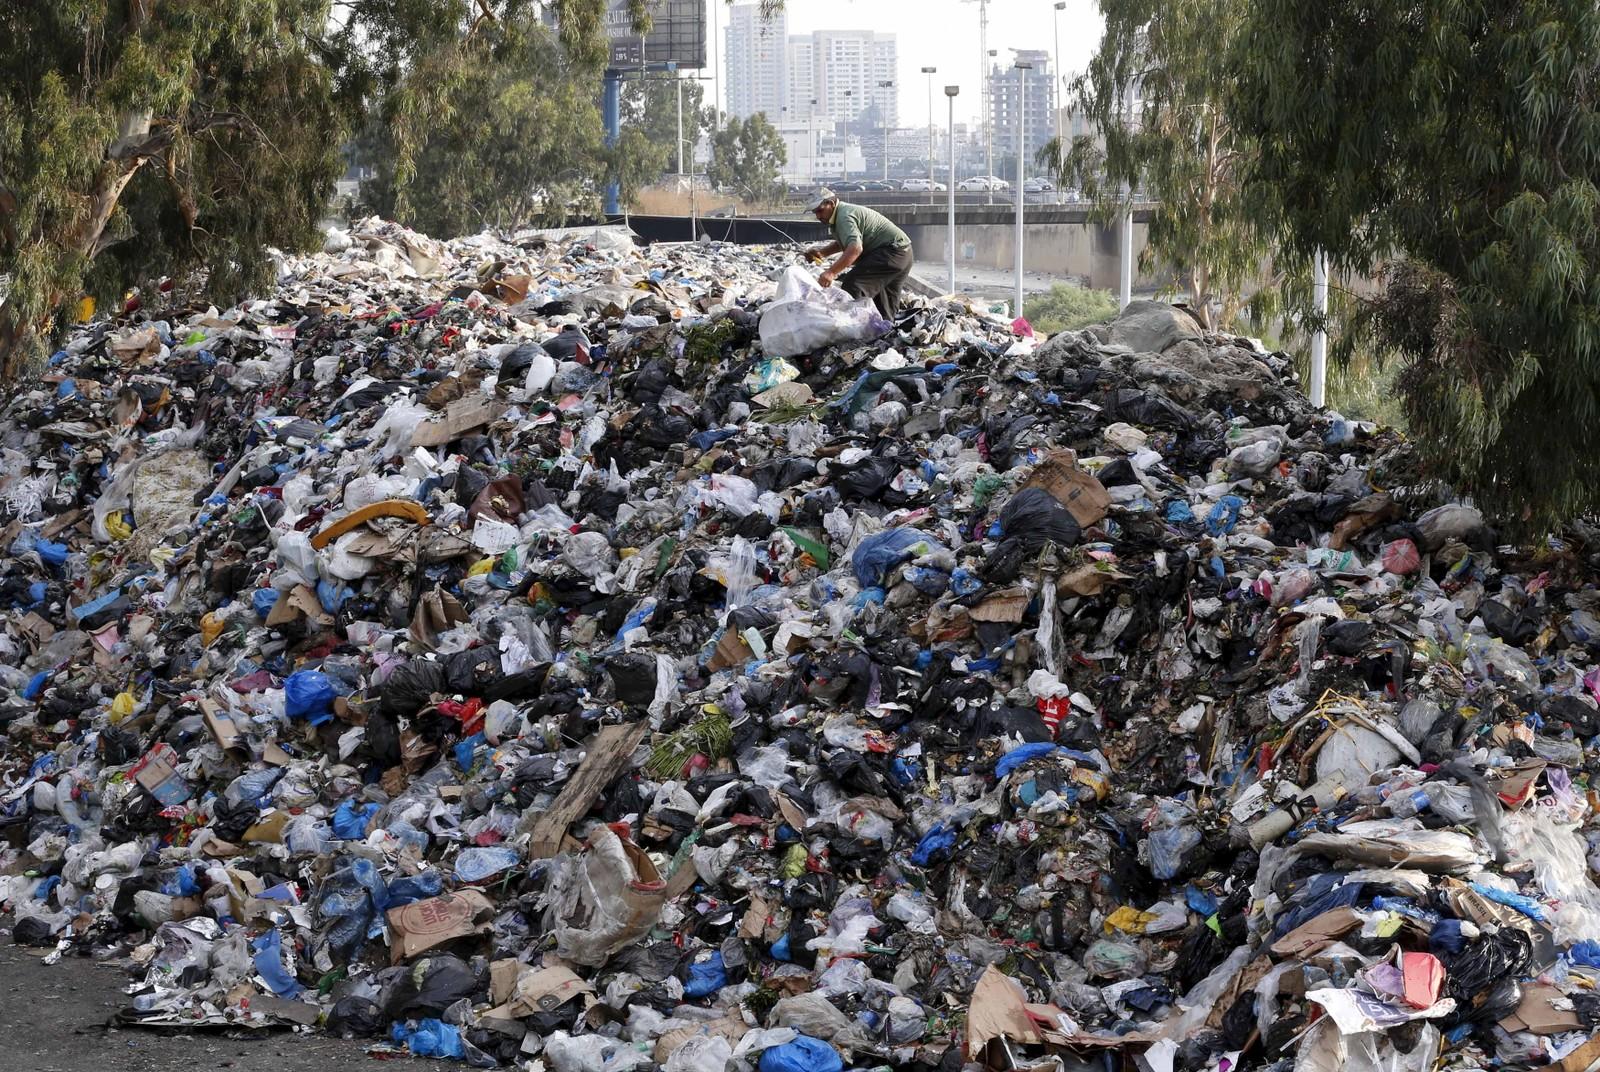 """Et hav av søppel flyter i en elv i Beirut. Denne uka ble det arrangert en demonstrasjon kalt """"You stink"""" mot myndighetene på grunn av søppelproblemet som har rammet byen."""